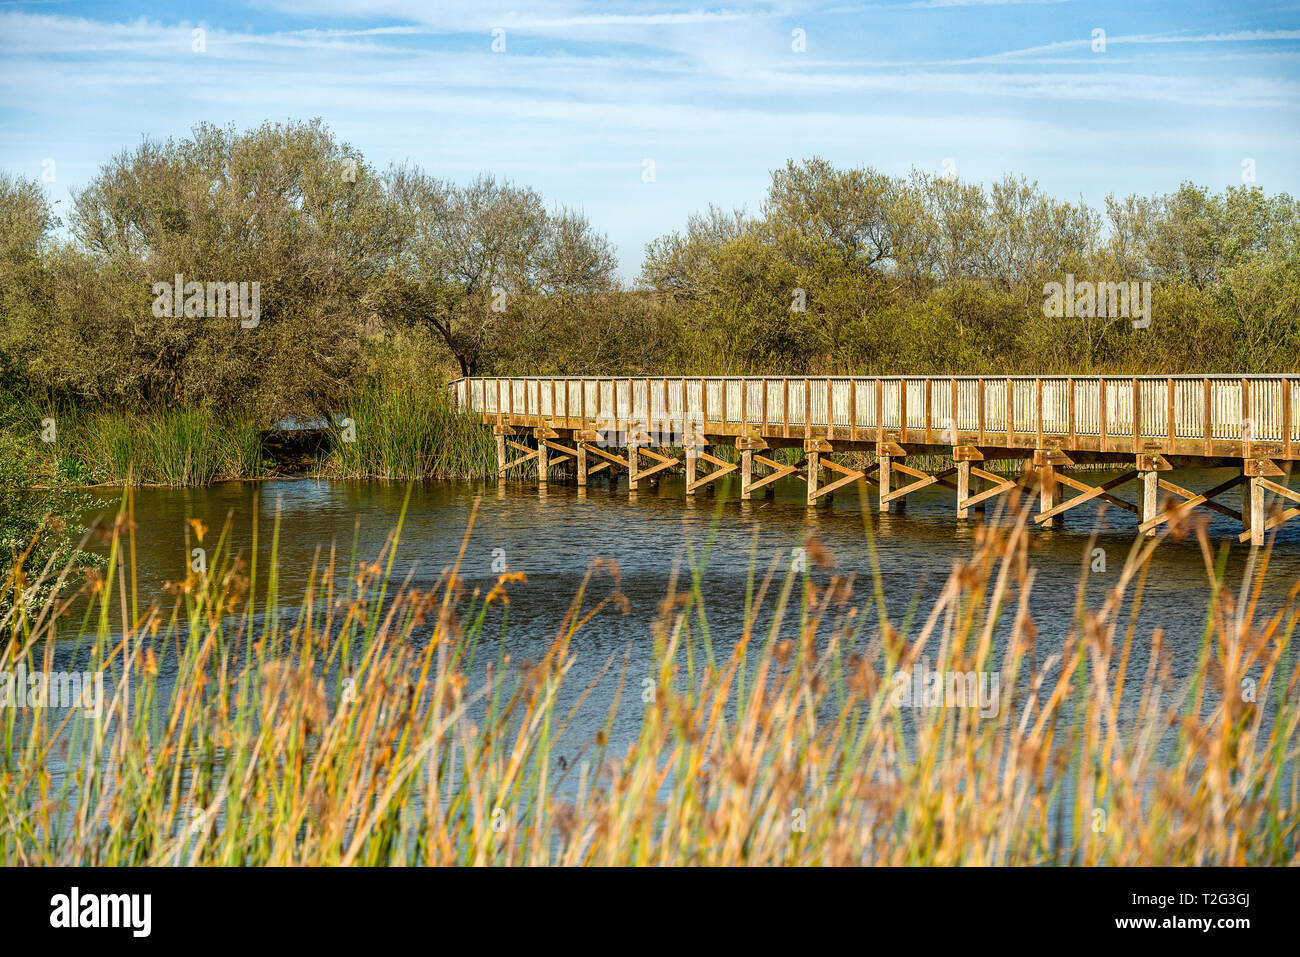 Rustico ponte di legno attraverso il lago, Oso Flaco Lago Area naturale del parco statale, California Immagini Stock